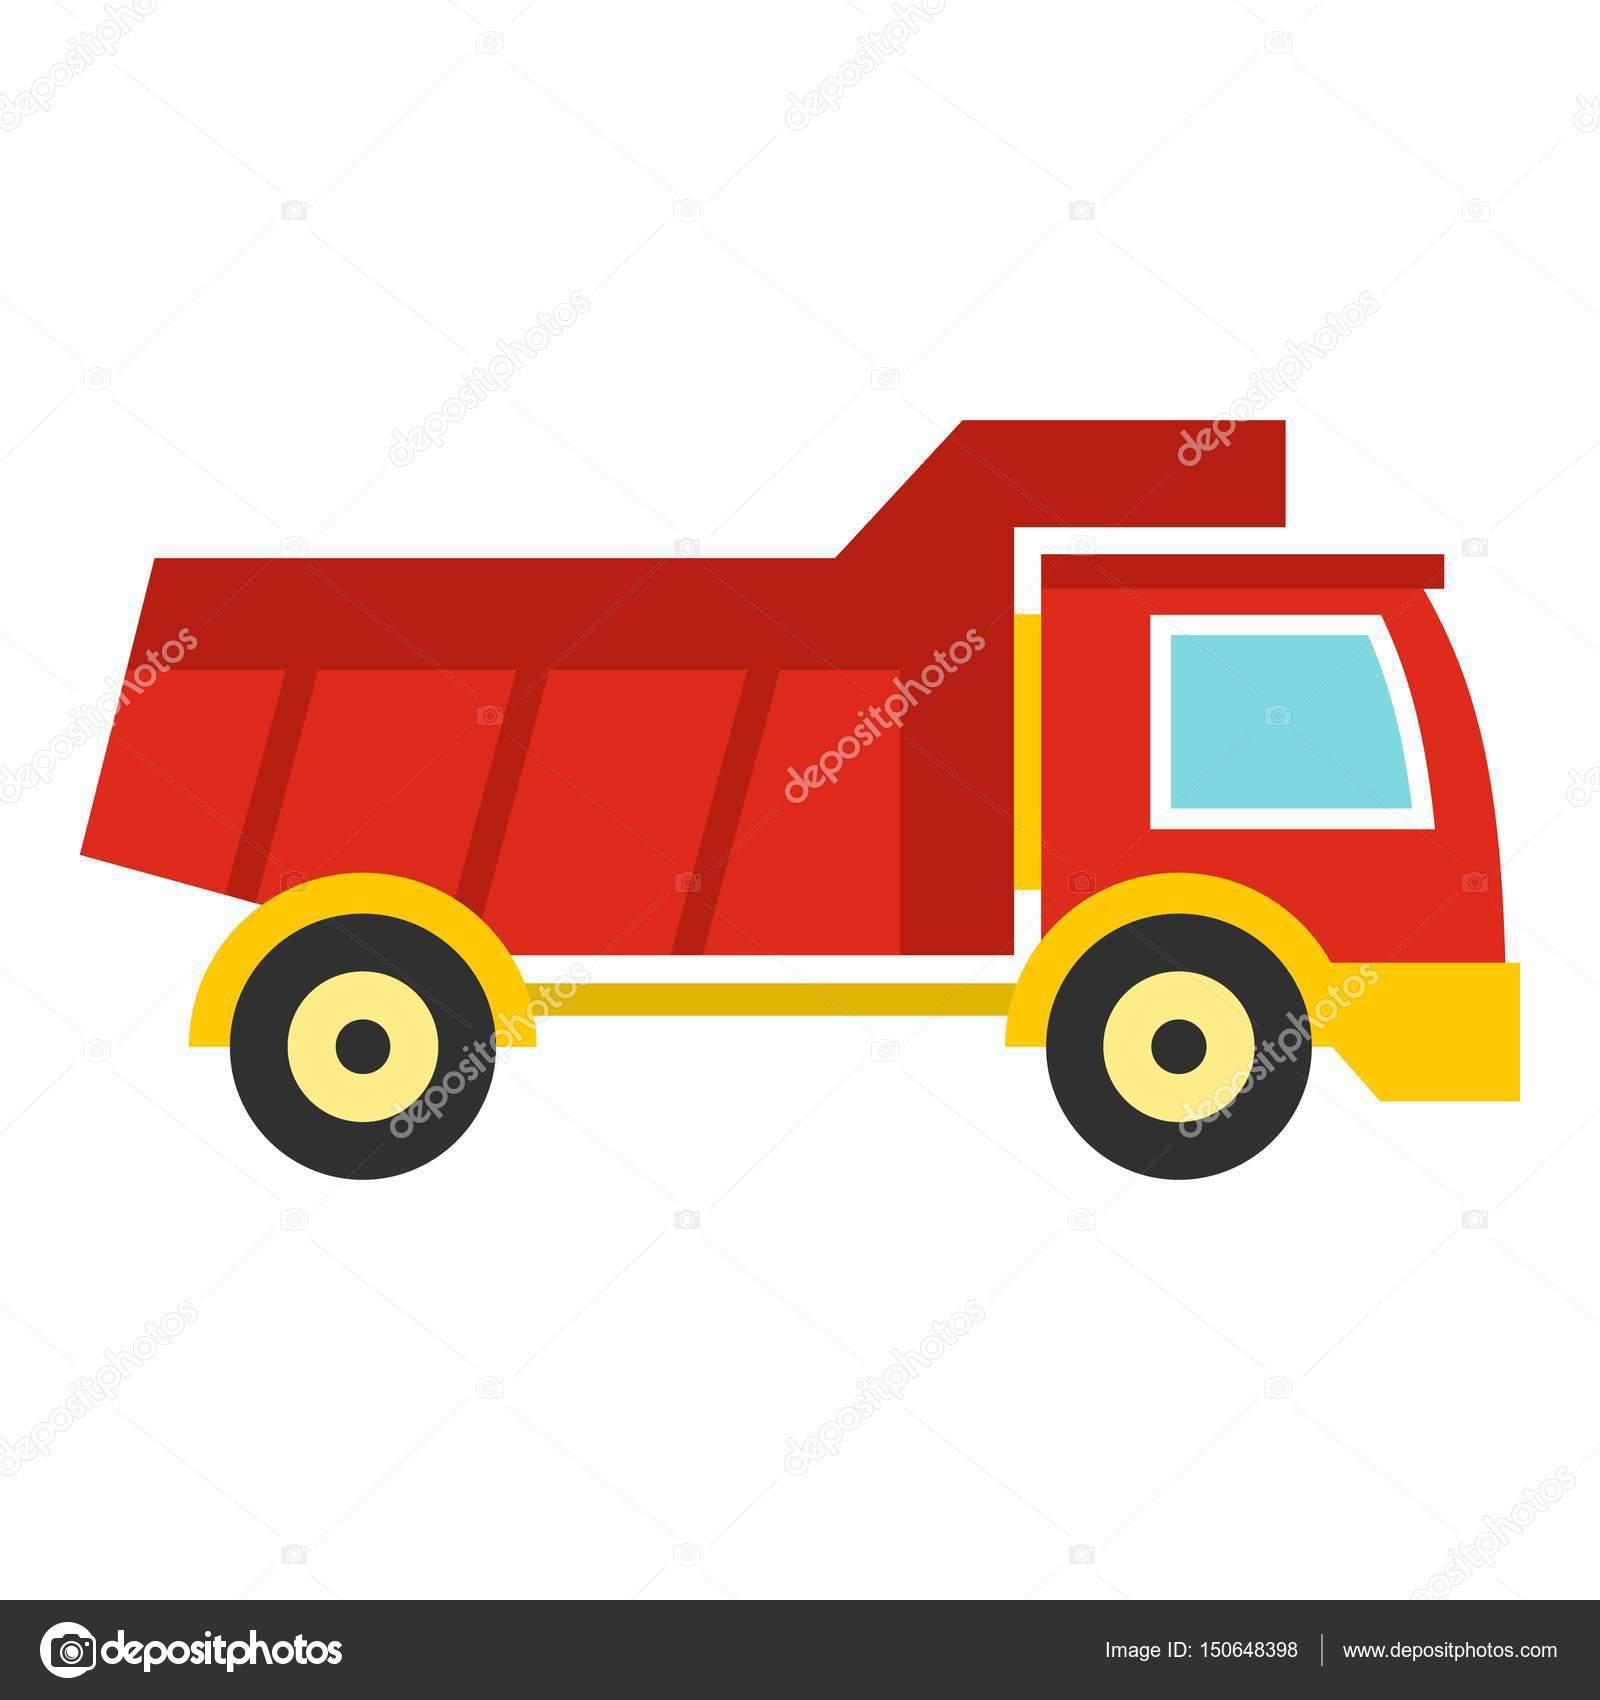 Icono De Carro De Juguete Rojo Aislado Archivo Imagenes